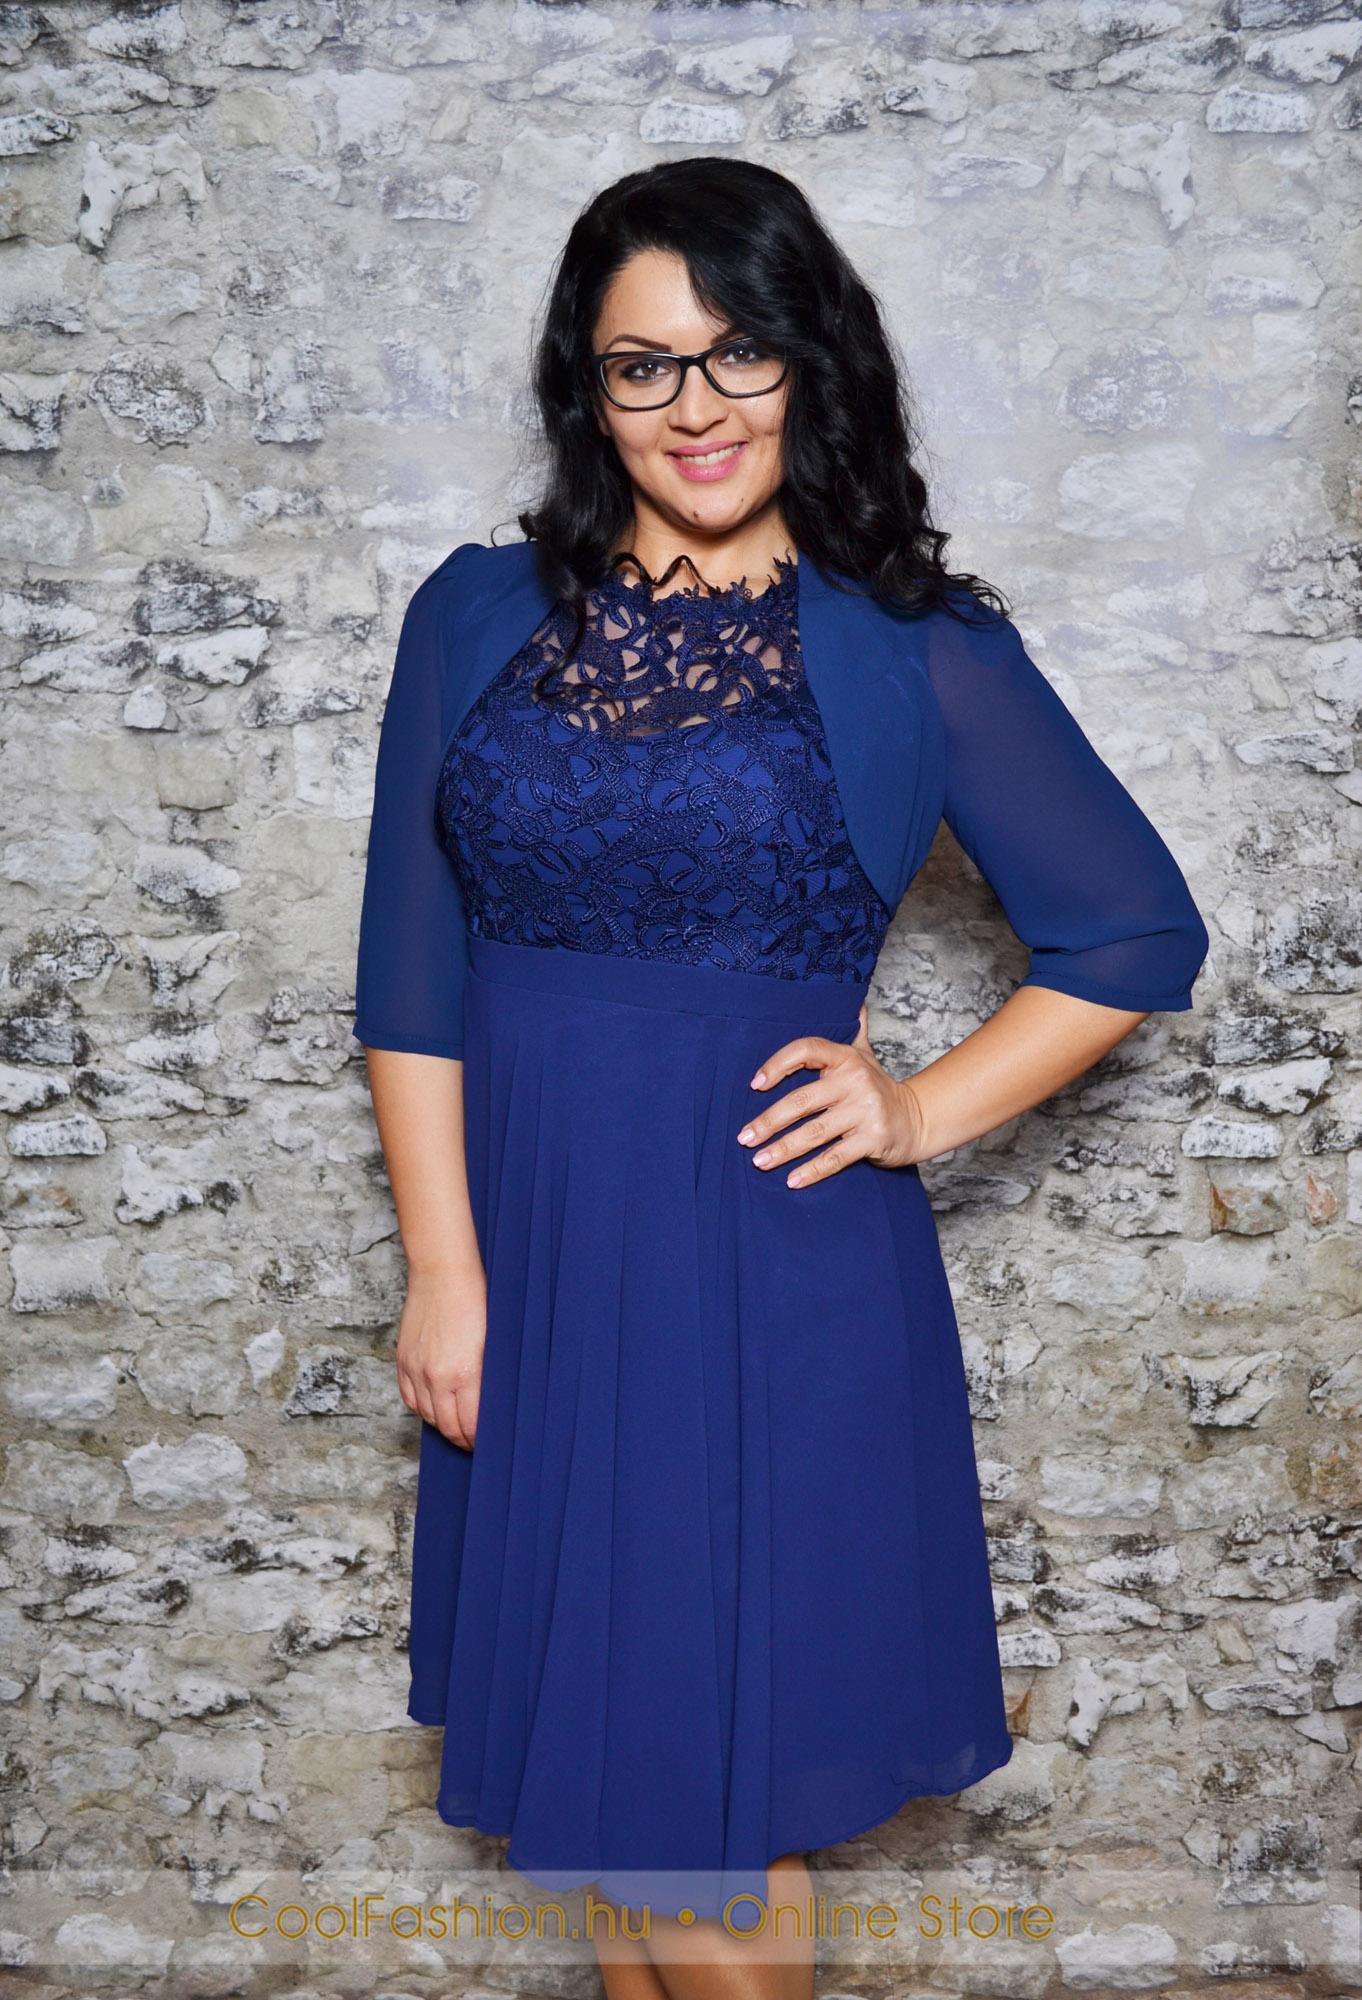 6531df88c5 Nagyméretű felül csipkés muszlin ruha - Cool Fashion